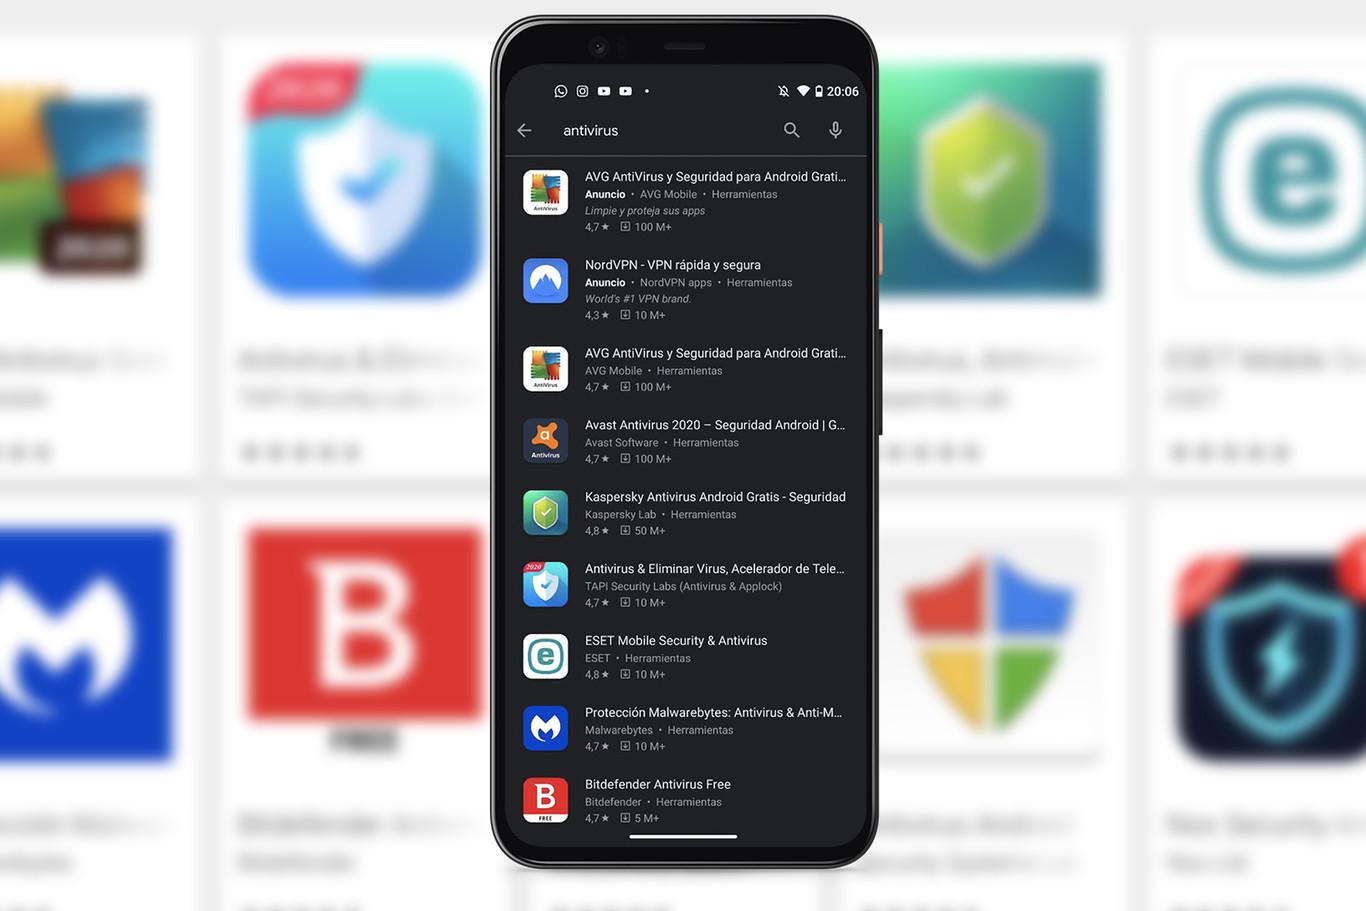 ¿Deberías instalar un antivirus en tu móvil Android o iPhone?